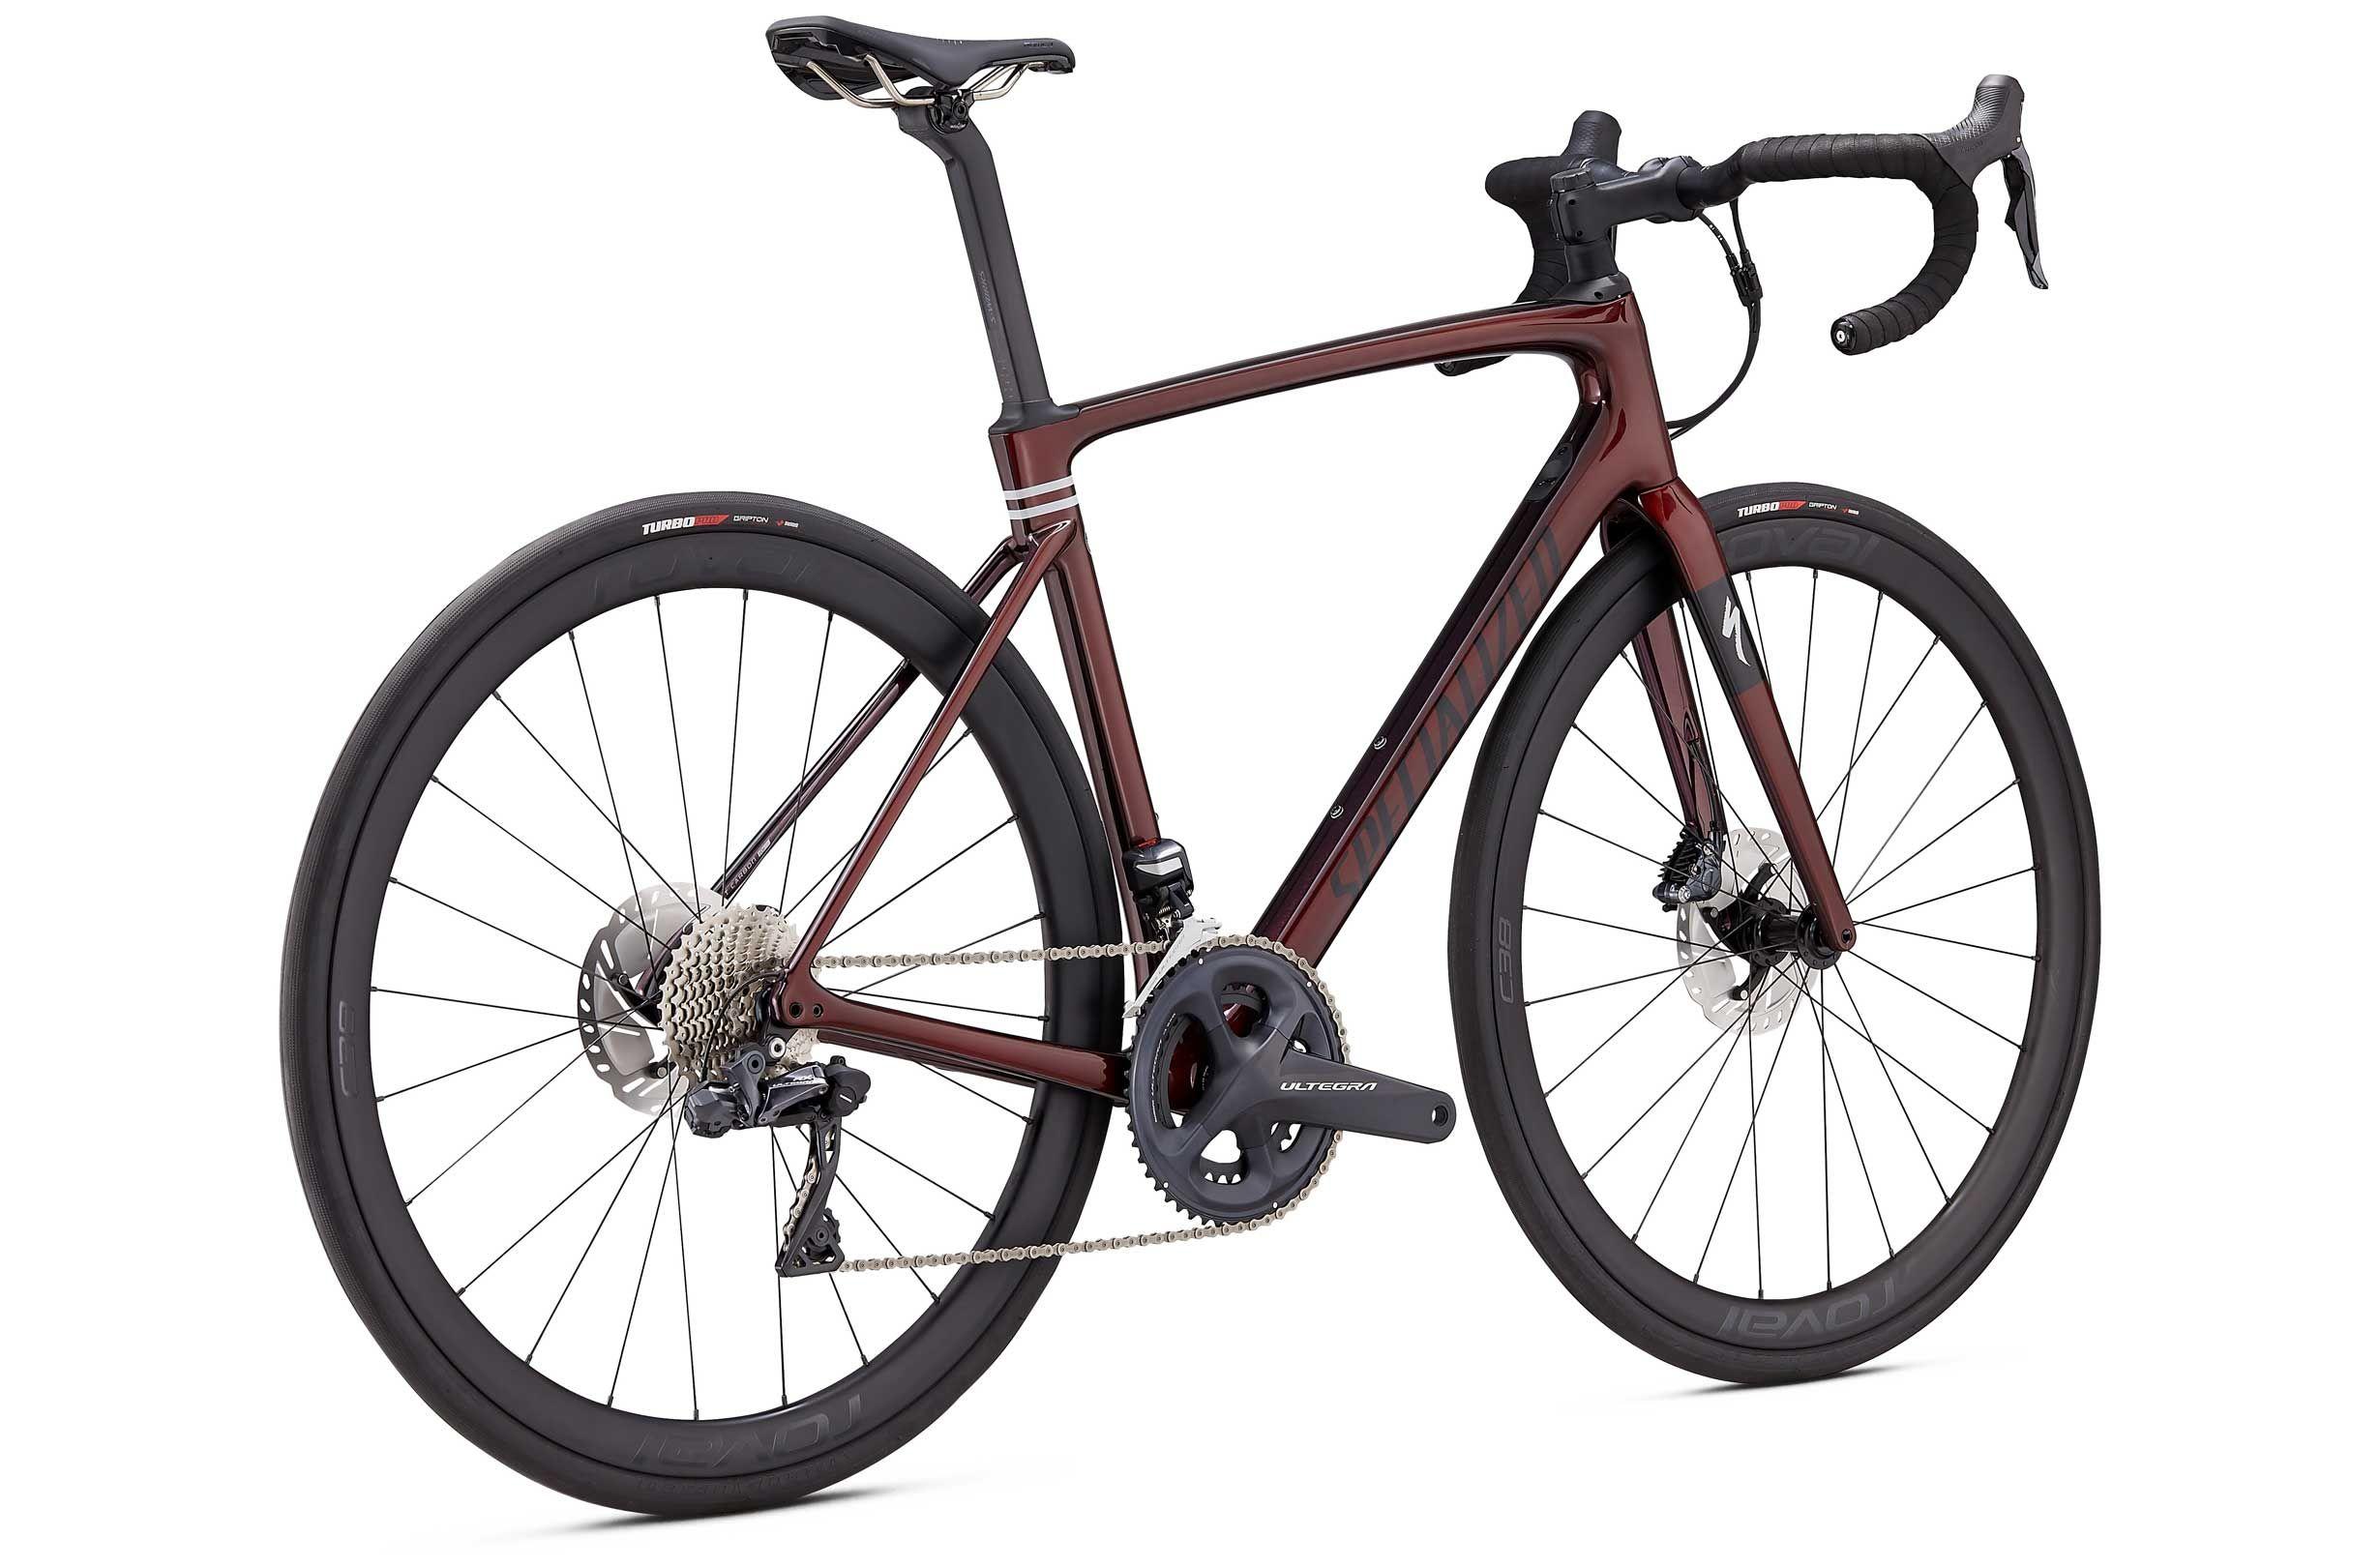 Specialized Roubaix Expert Ultegra Di2 2020 Road Bike